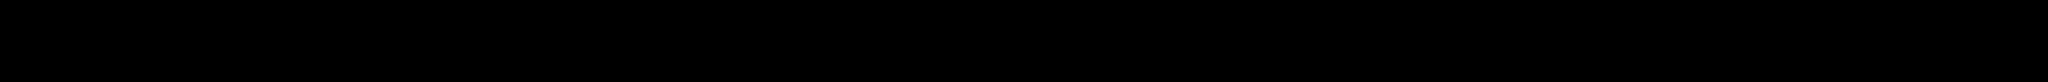 HELLA 0233304-5, 18-ZZ0233304-5, E400148, X825 107 045 000, 3981604 Lampadina, Faro di profondità